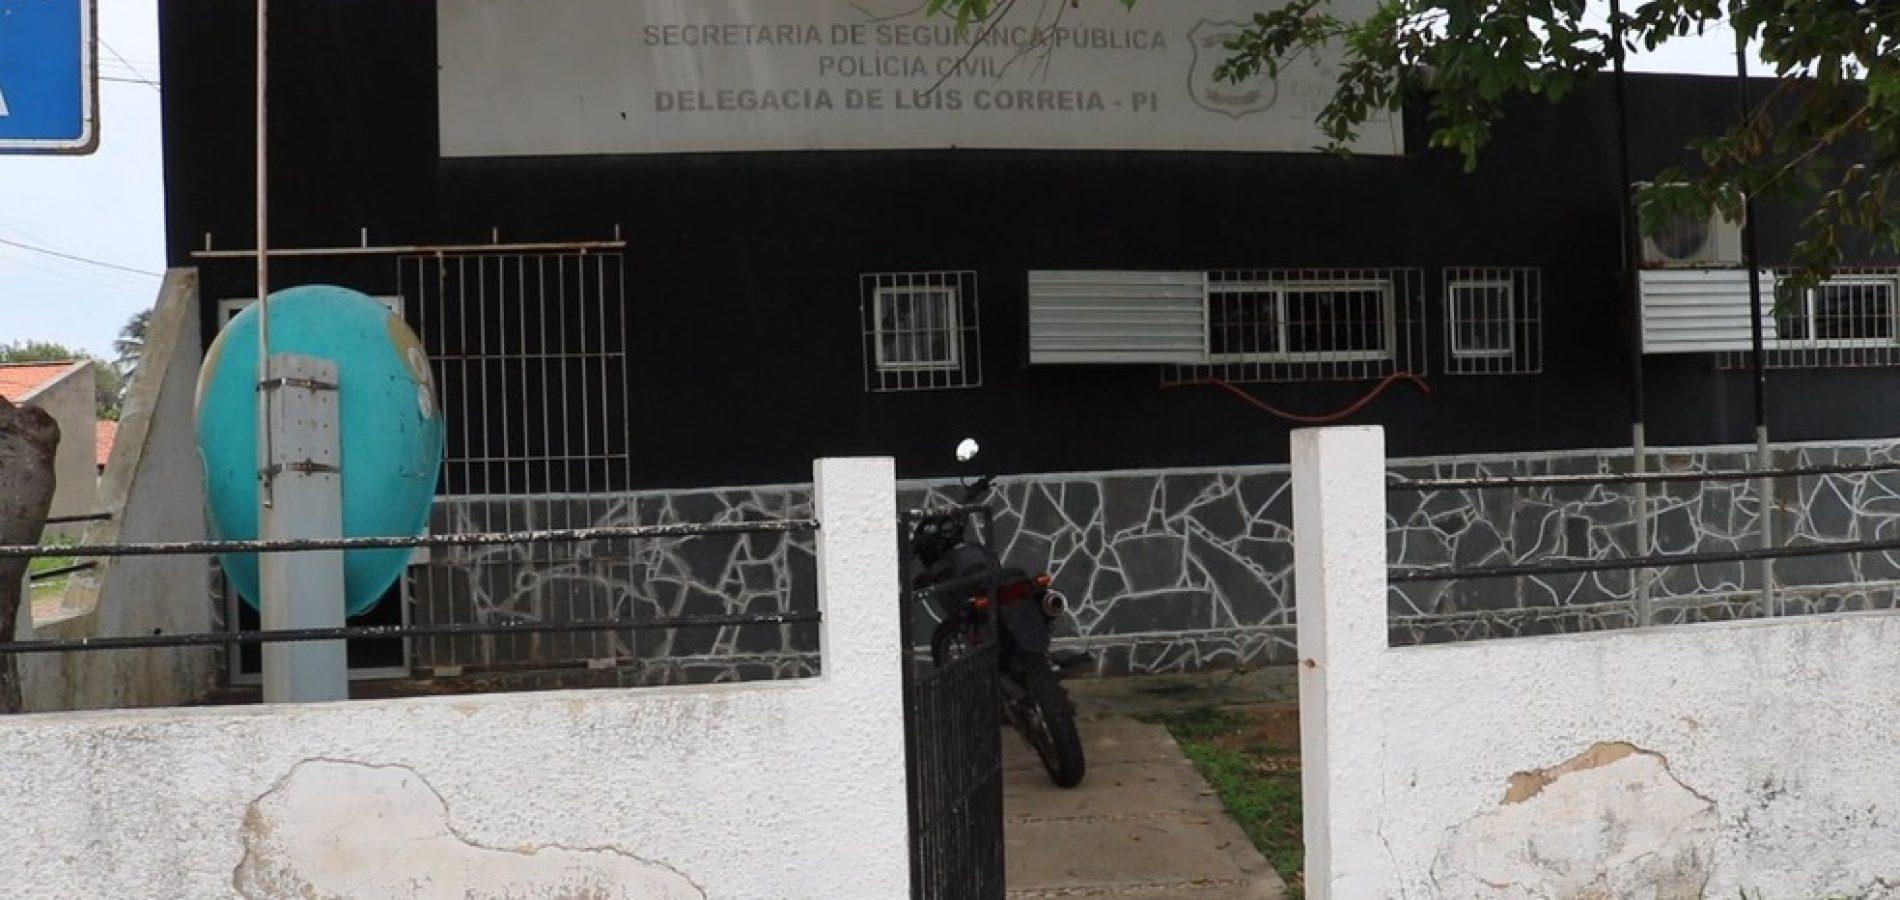 Quadrilha resgata preso em Delegacia de Luís Correia